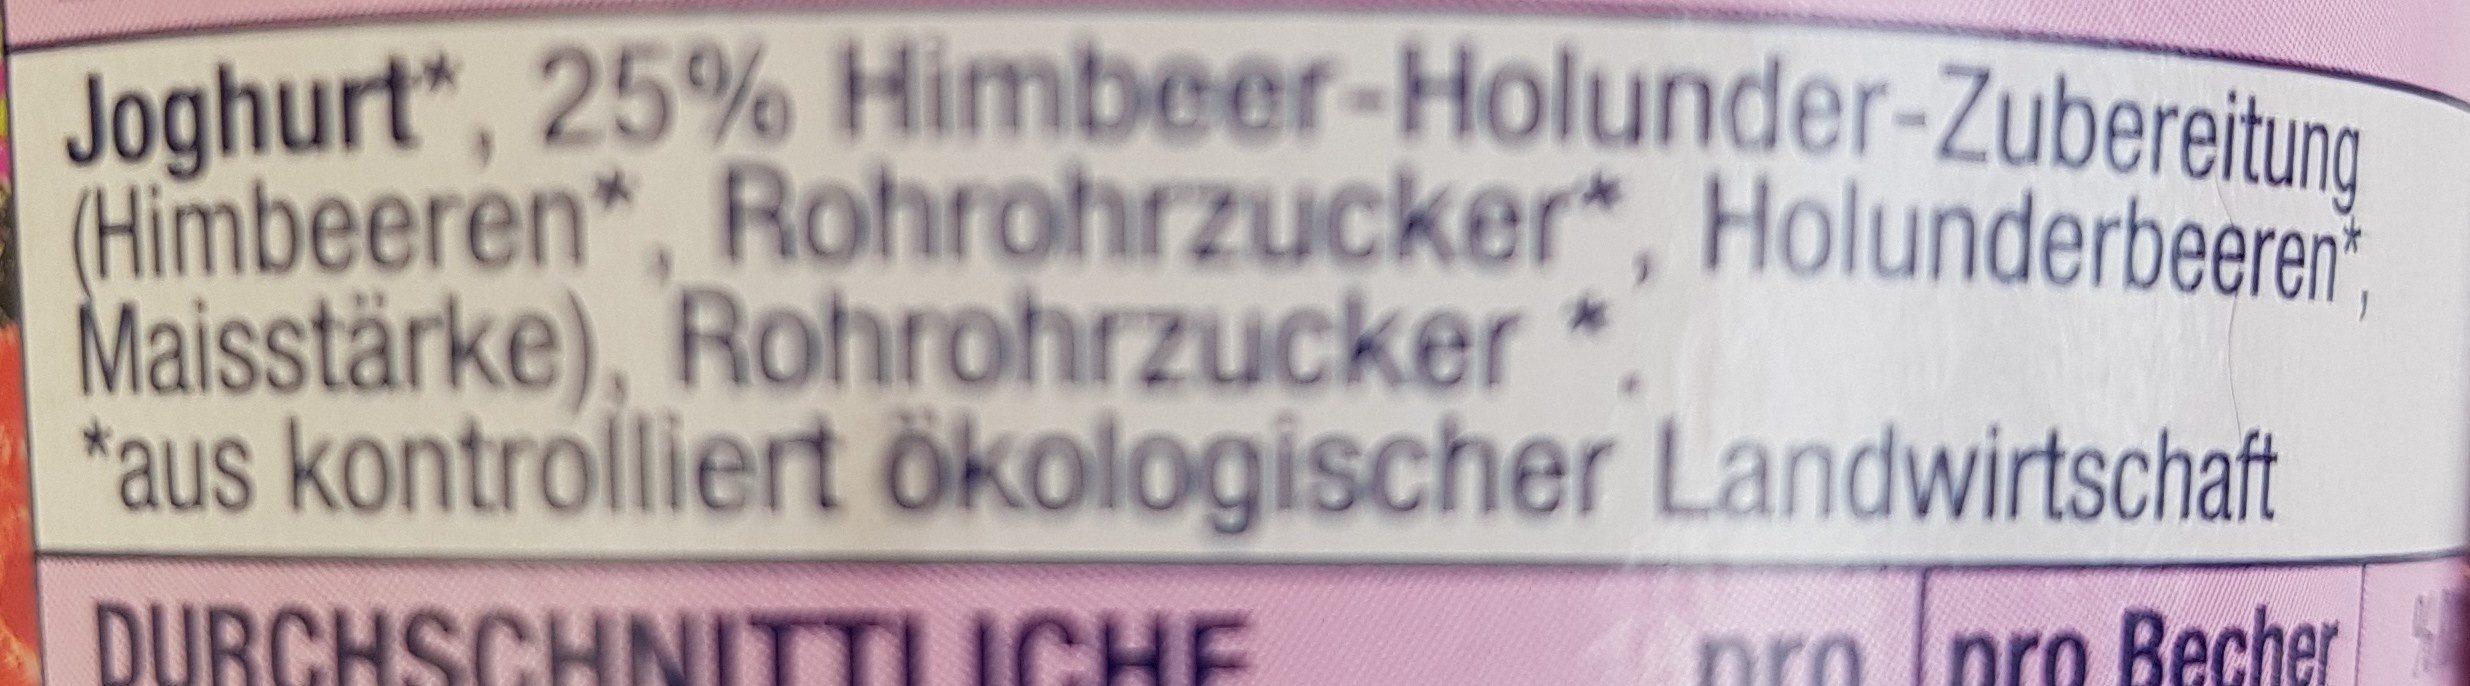 Himbeer holunder - Ingrédients